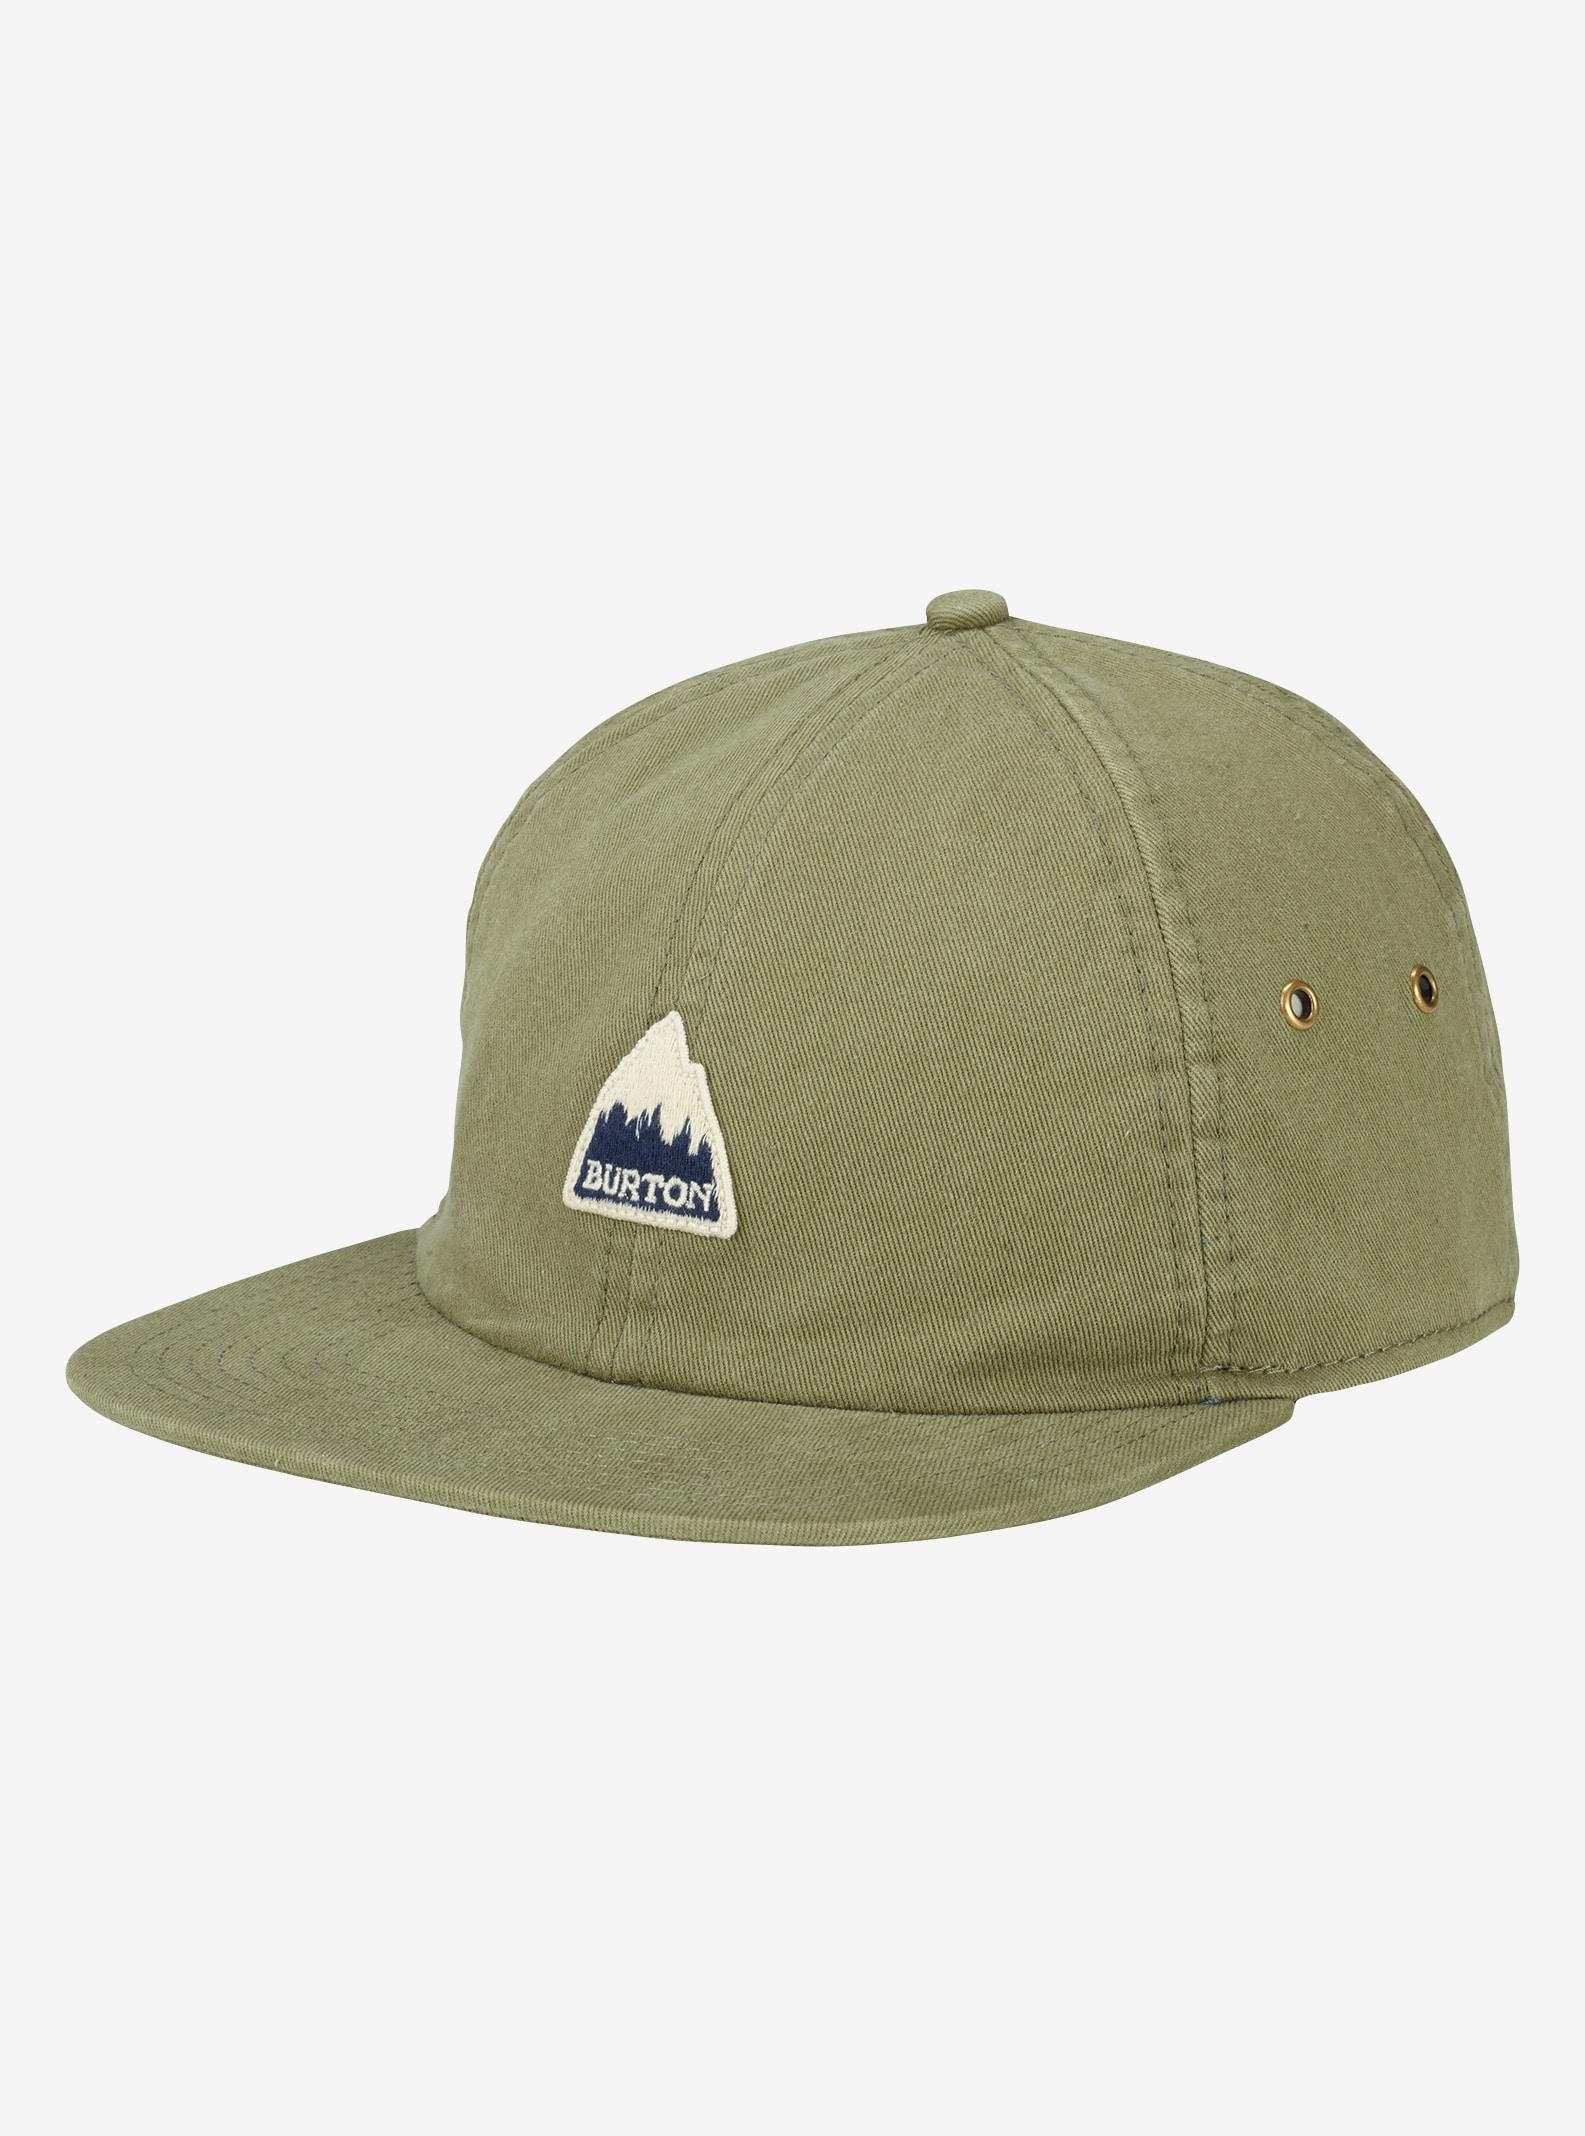 Men's Burton Rad Dad Hat shown in Dusty Olive